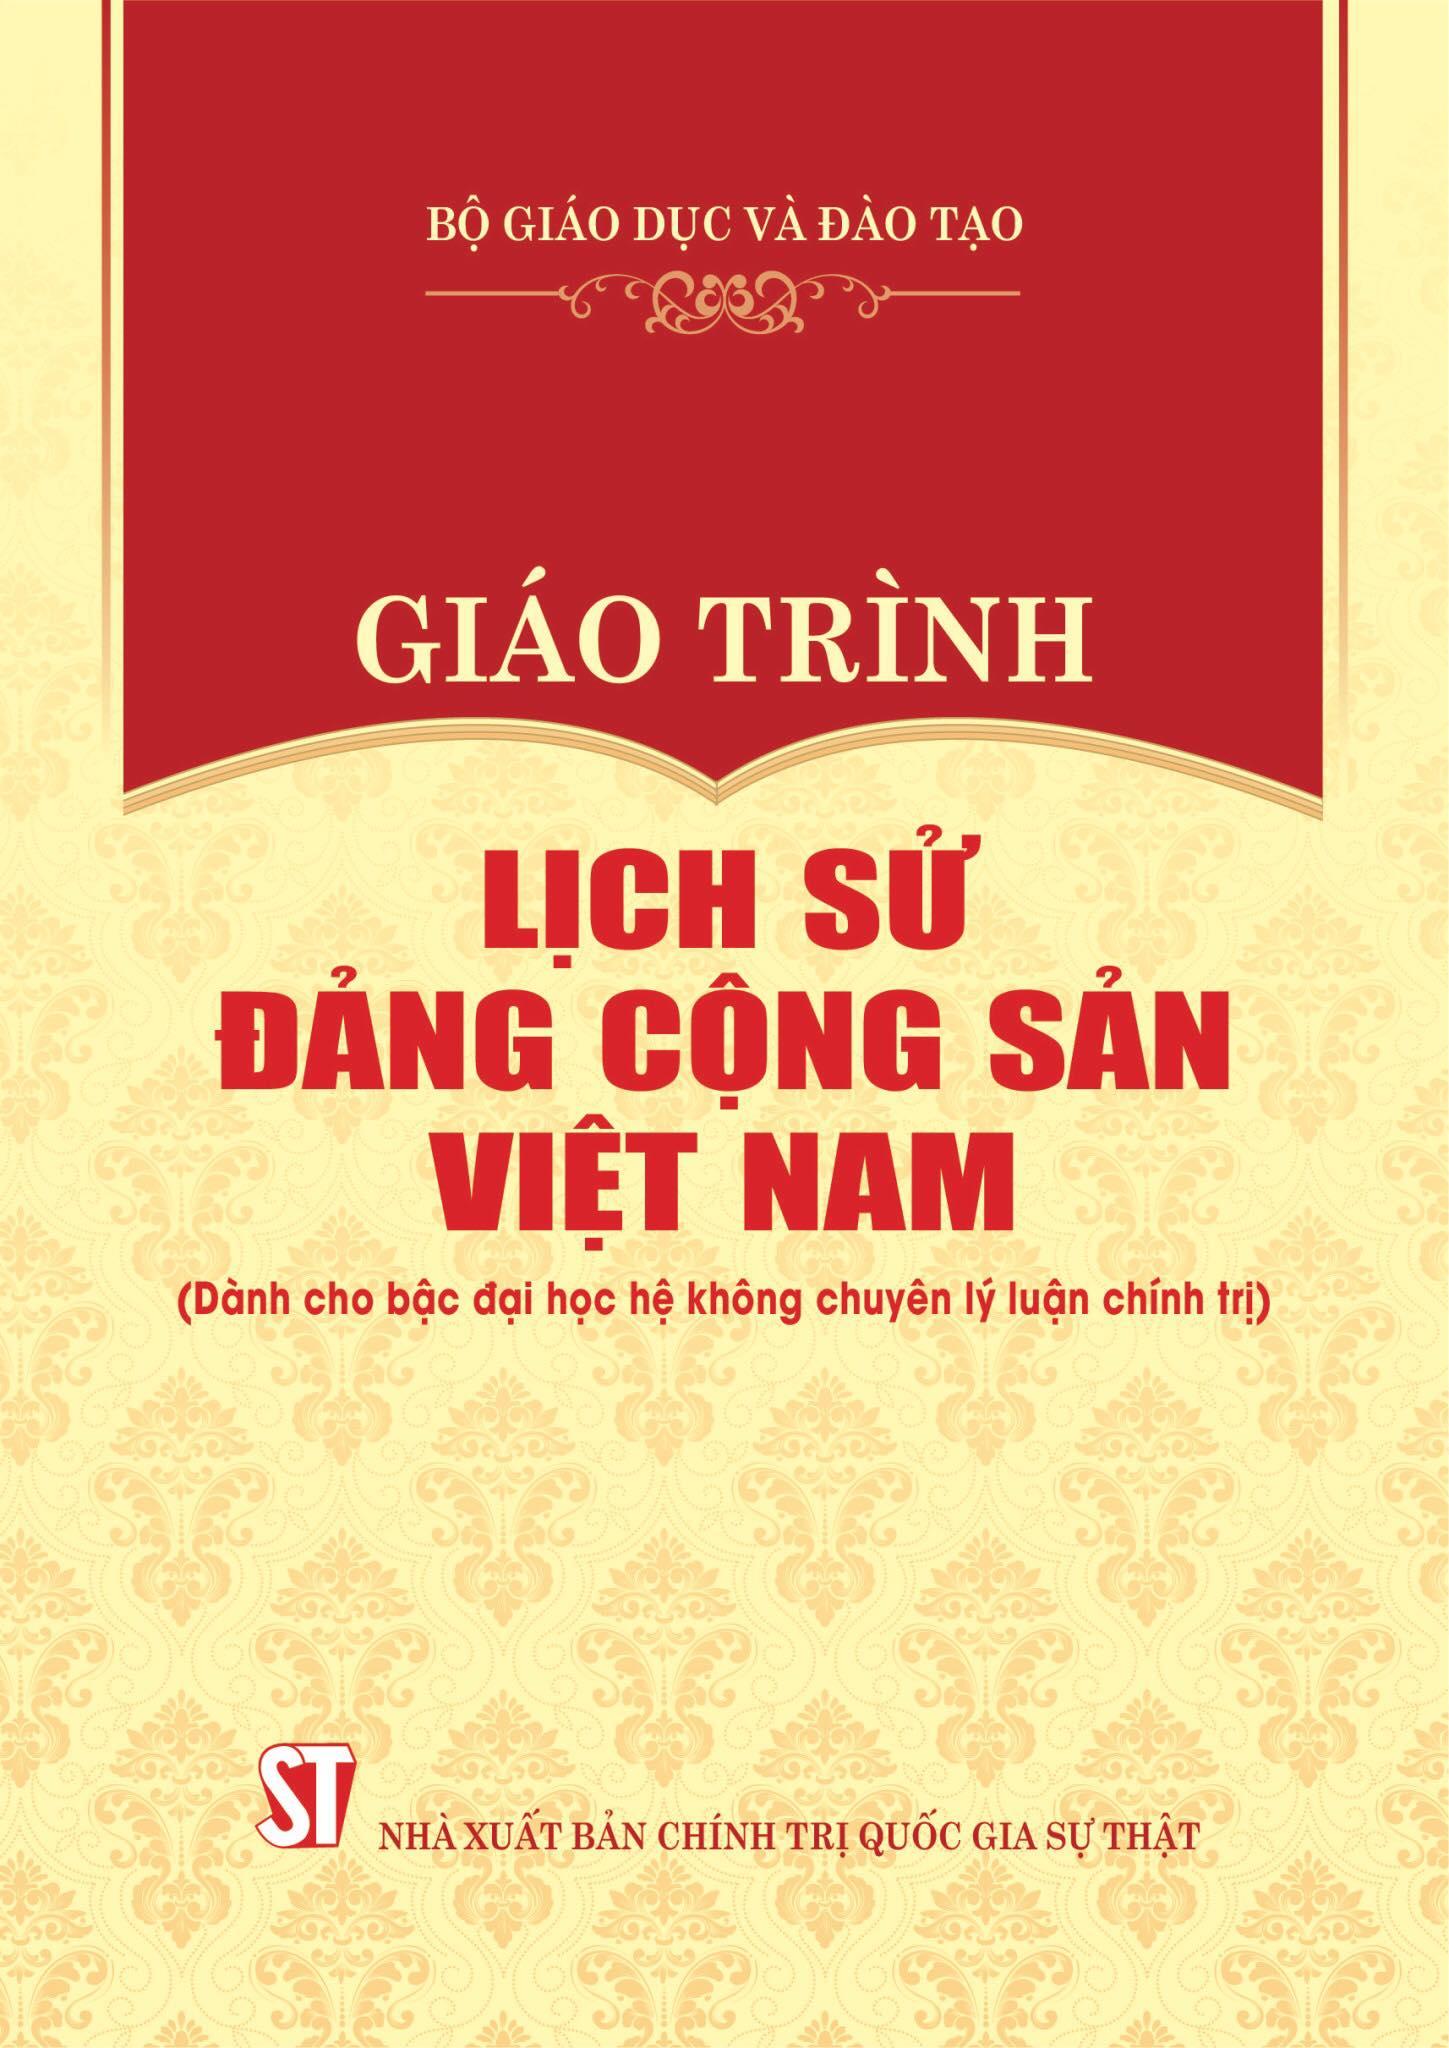 Giáo trình Lịch sử Đảng Cộng sản Việt Nam (Dành cho bậc đại học hệ không chuyên lý luận chính trị)